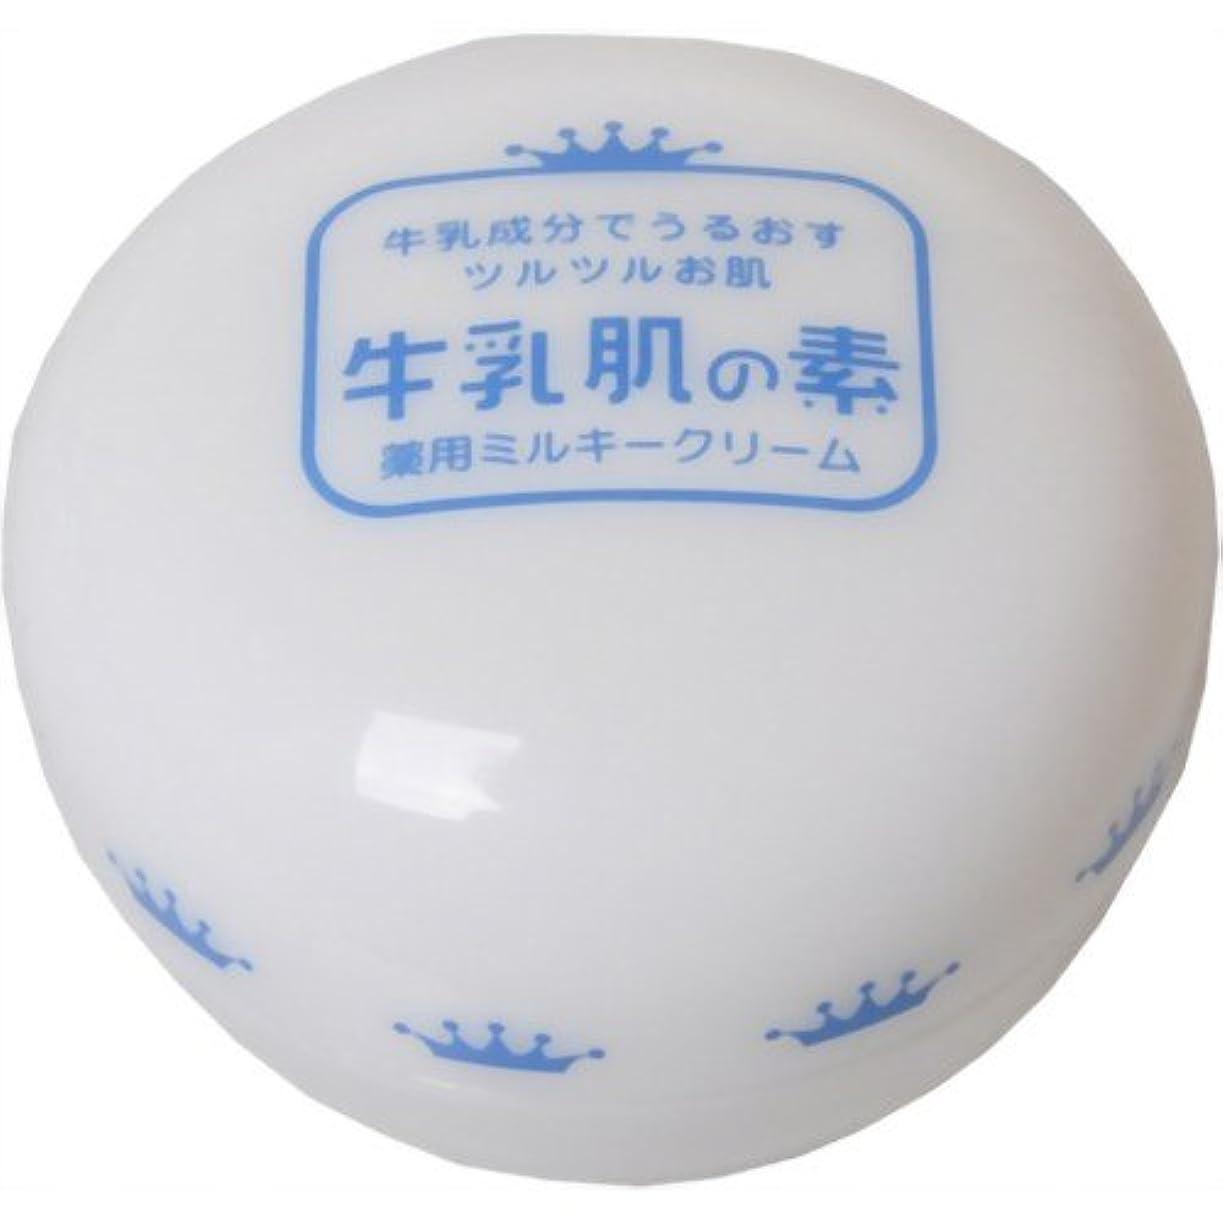 自明曖昧なめまいが牛乳肌の素 薬用ミルキークリーム 20g